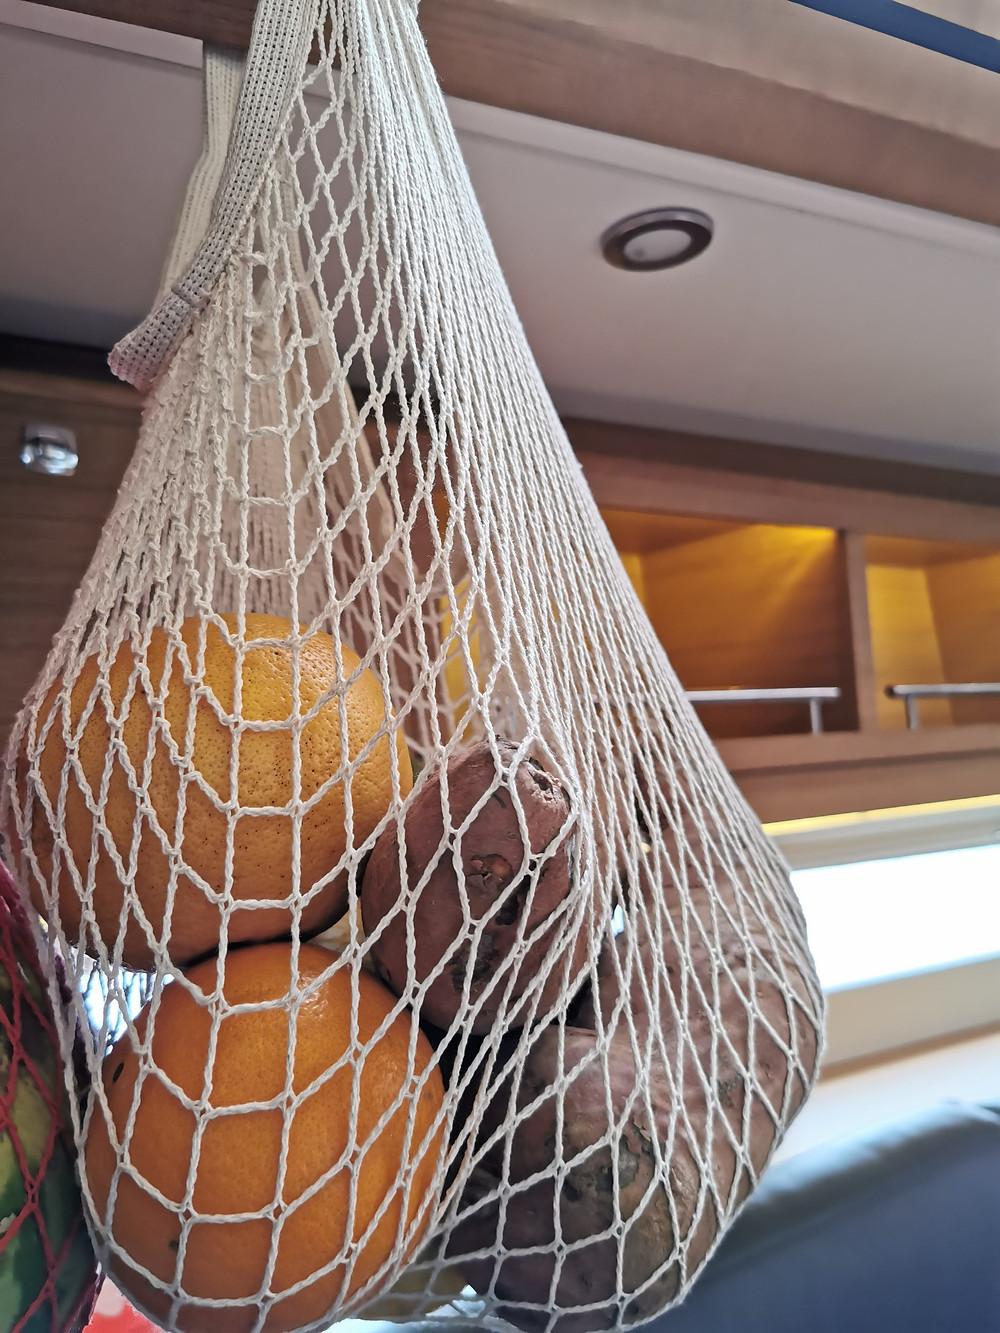 Obstnetz an Bord einer Segelyacht